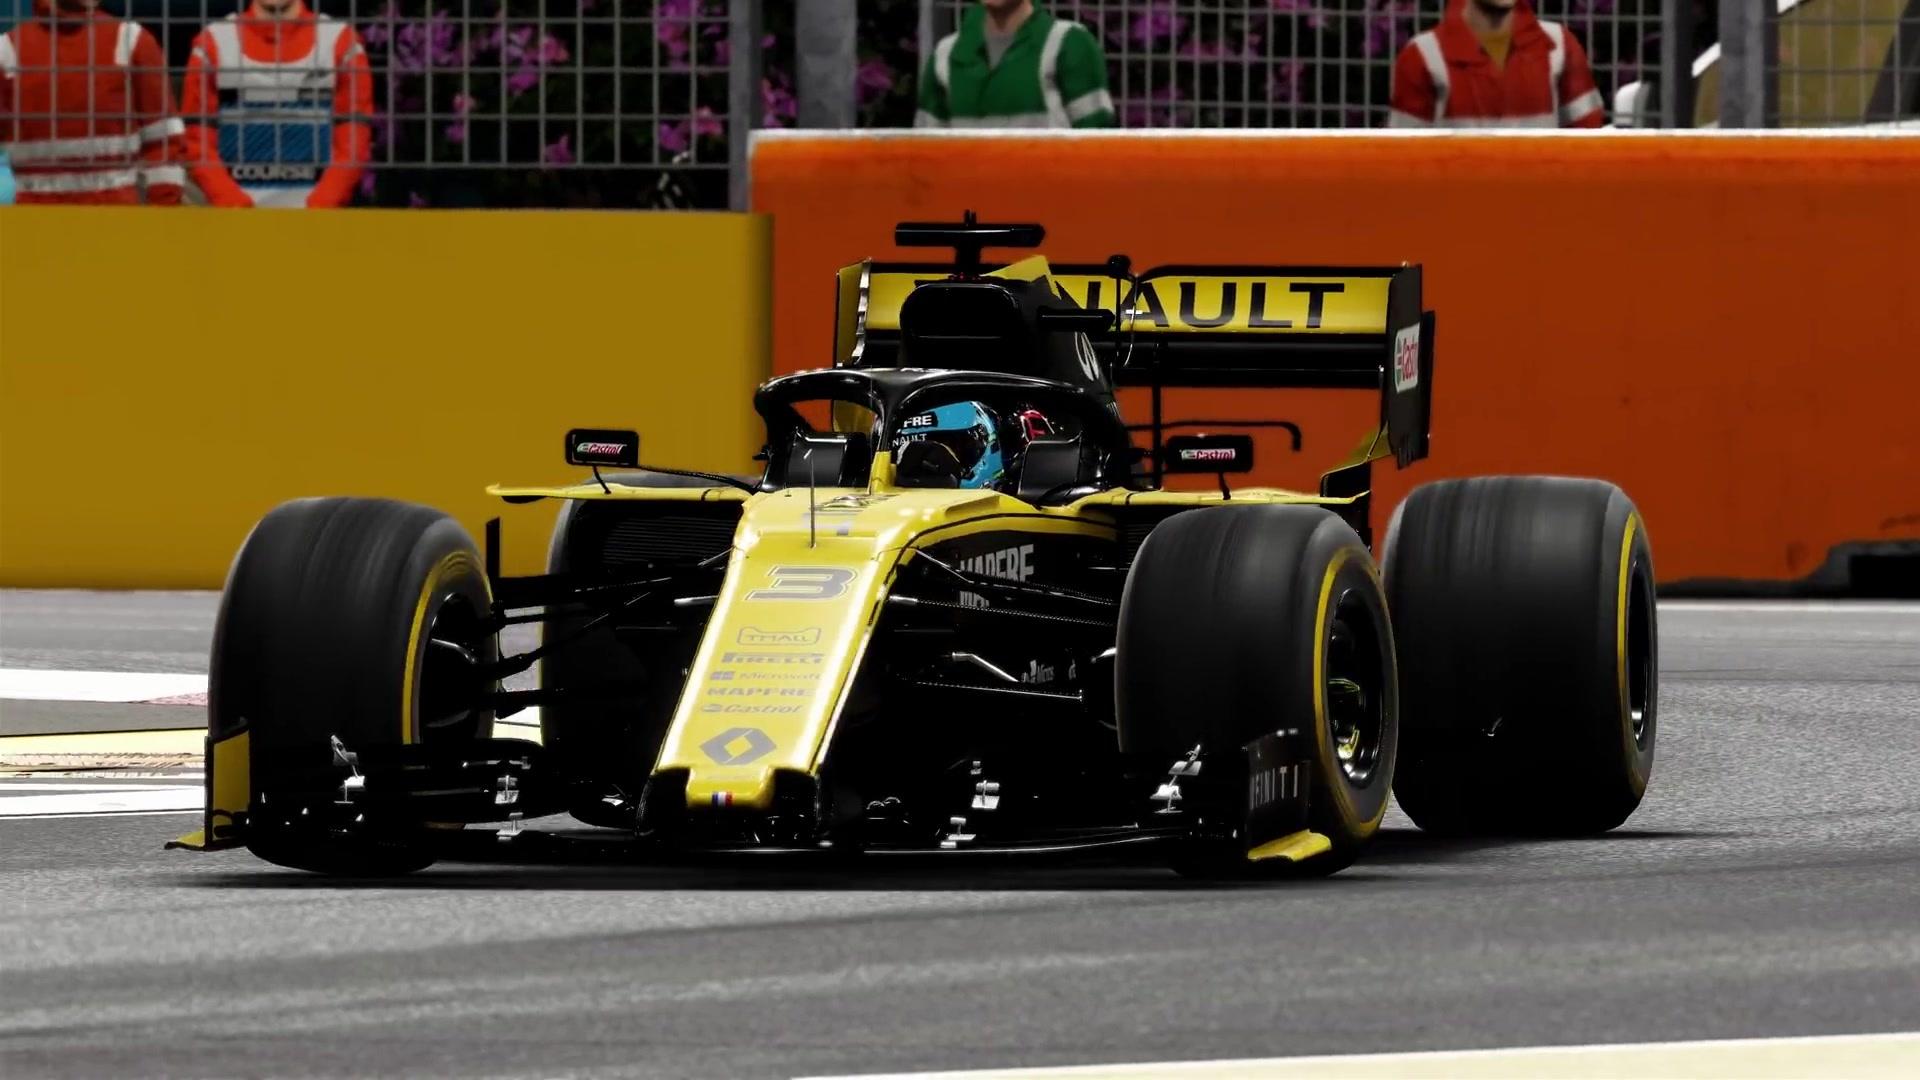 Системные требования для F1 2019